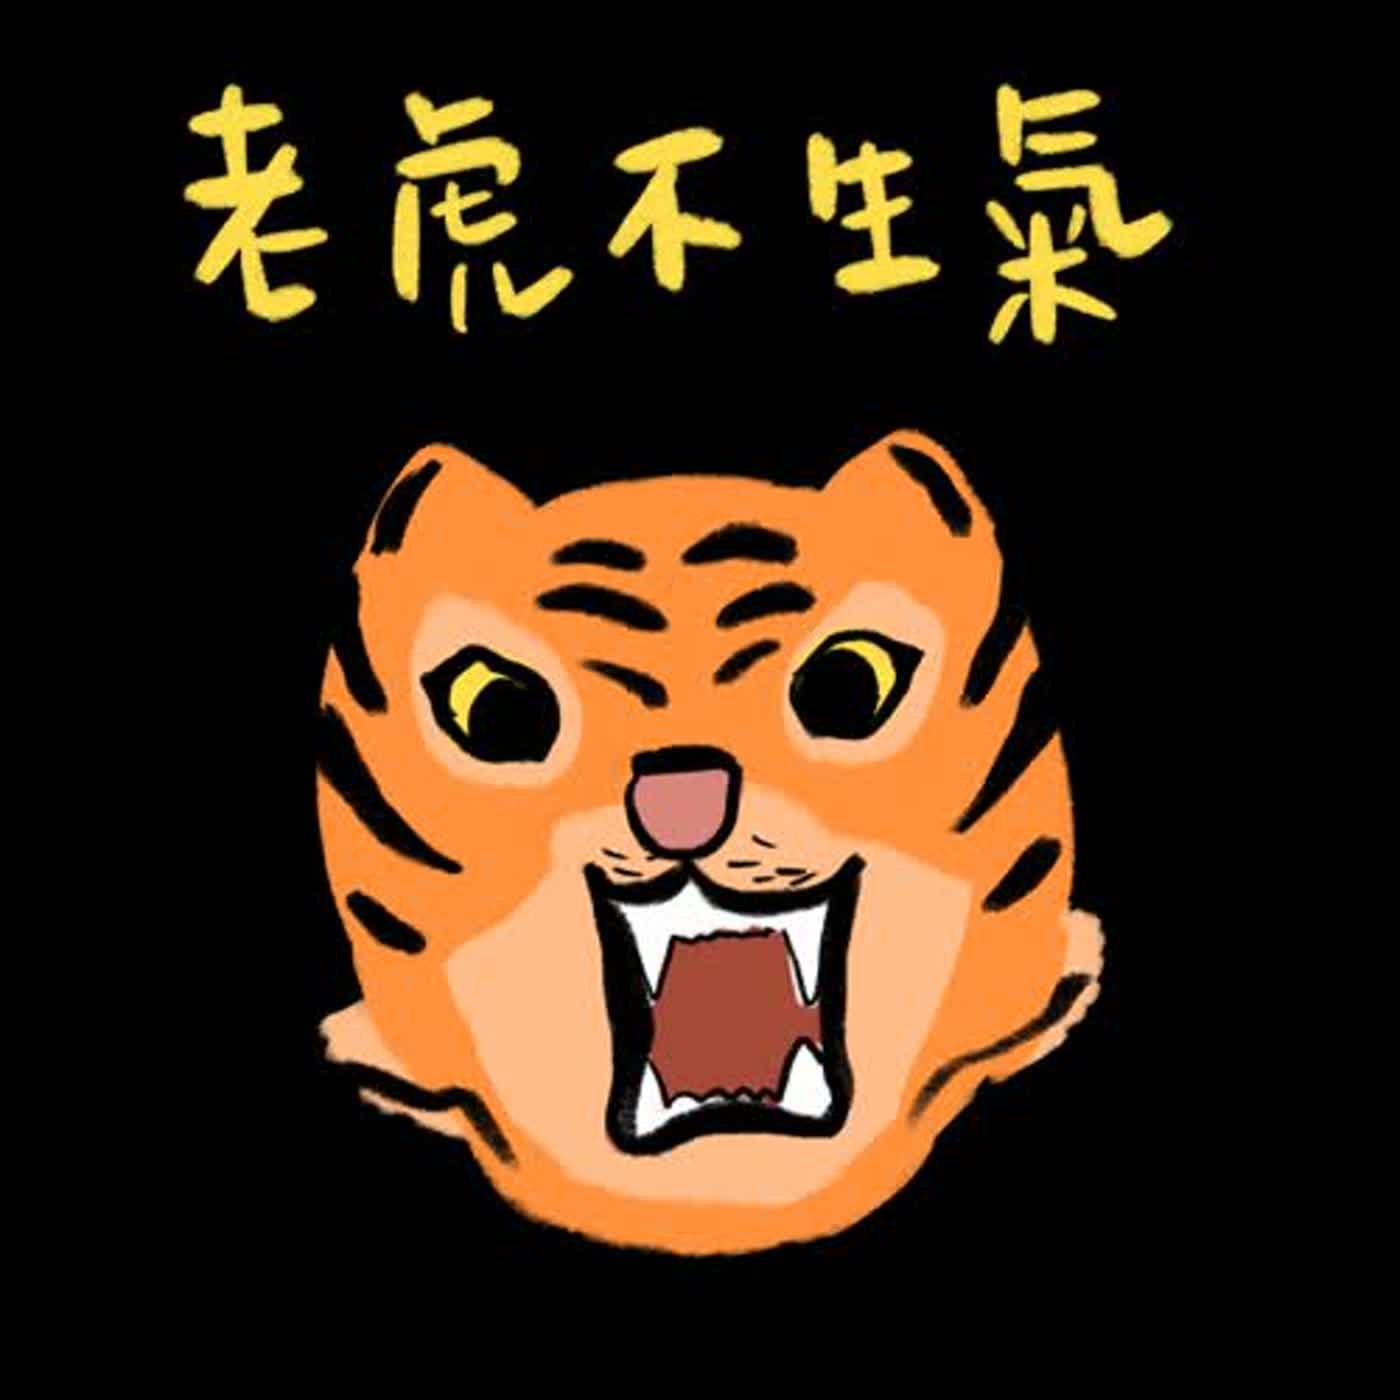 一起說故事番外篇#2 - 老虎不生氣